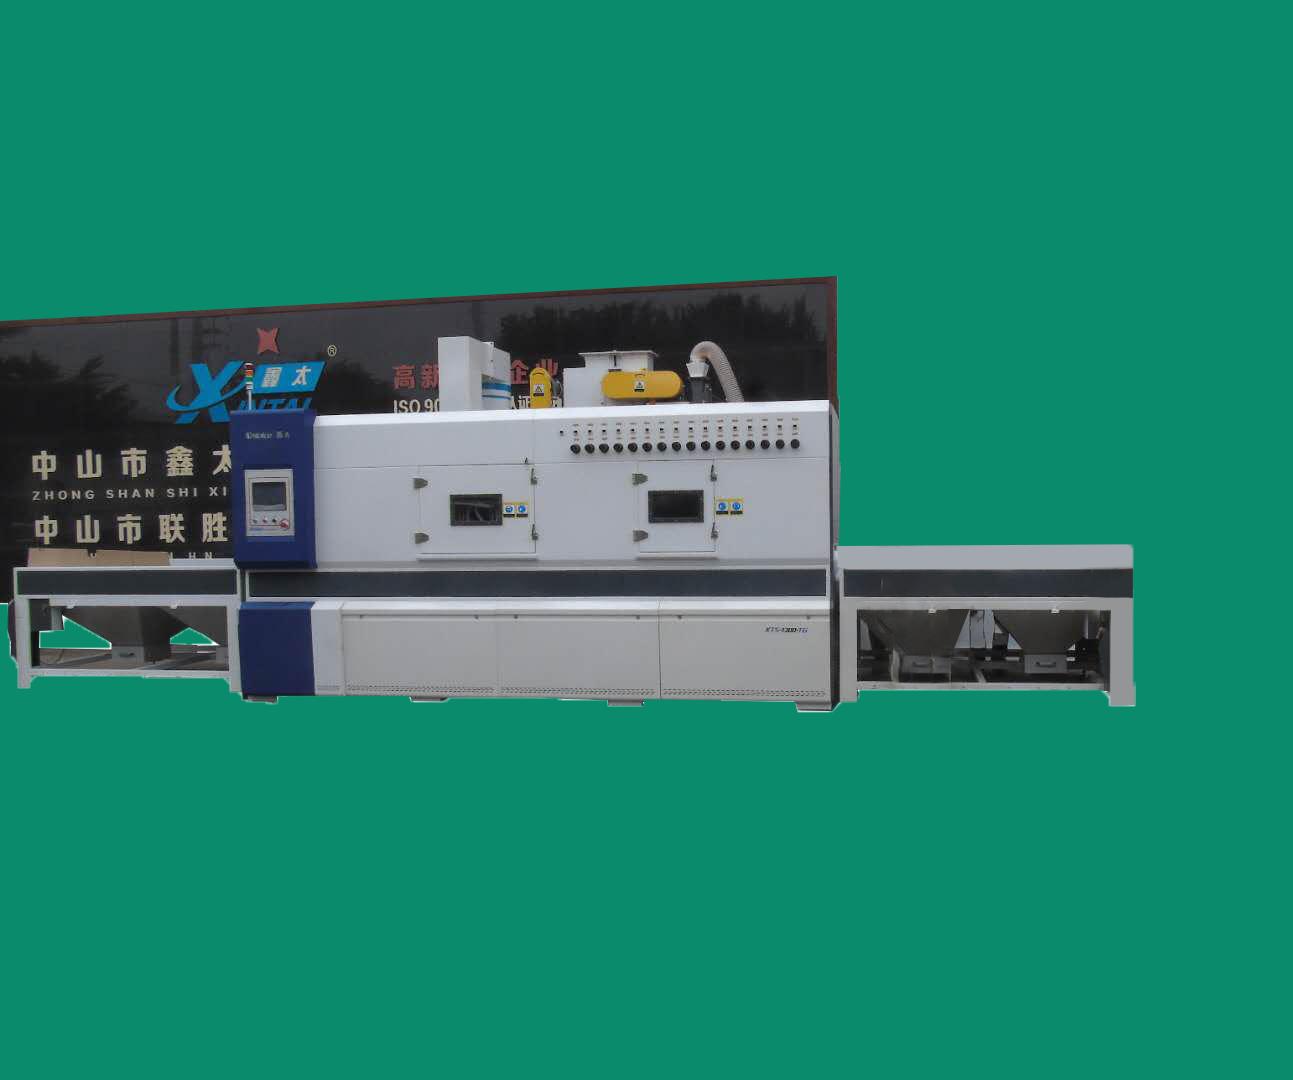 XTS-1300-16TG输送式自动风磨机(第四代风磨机)